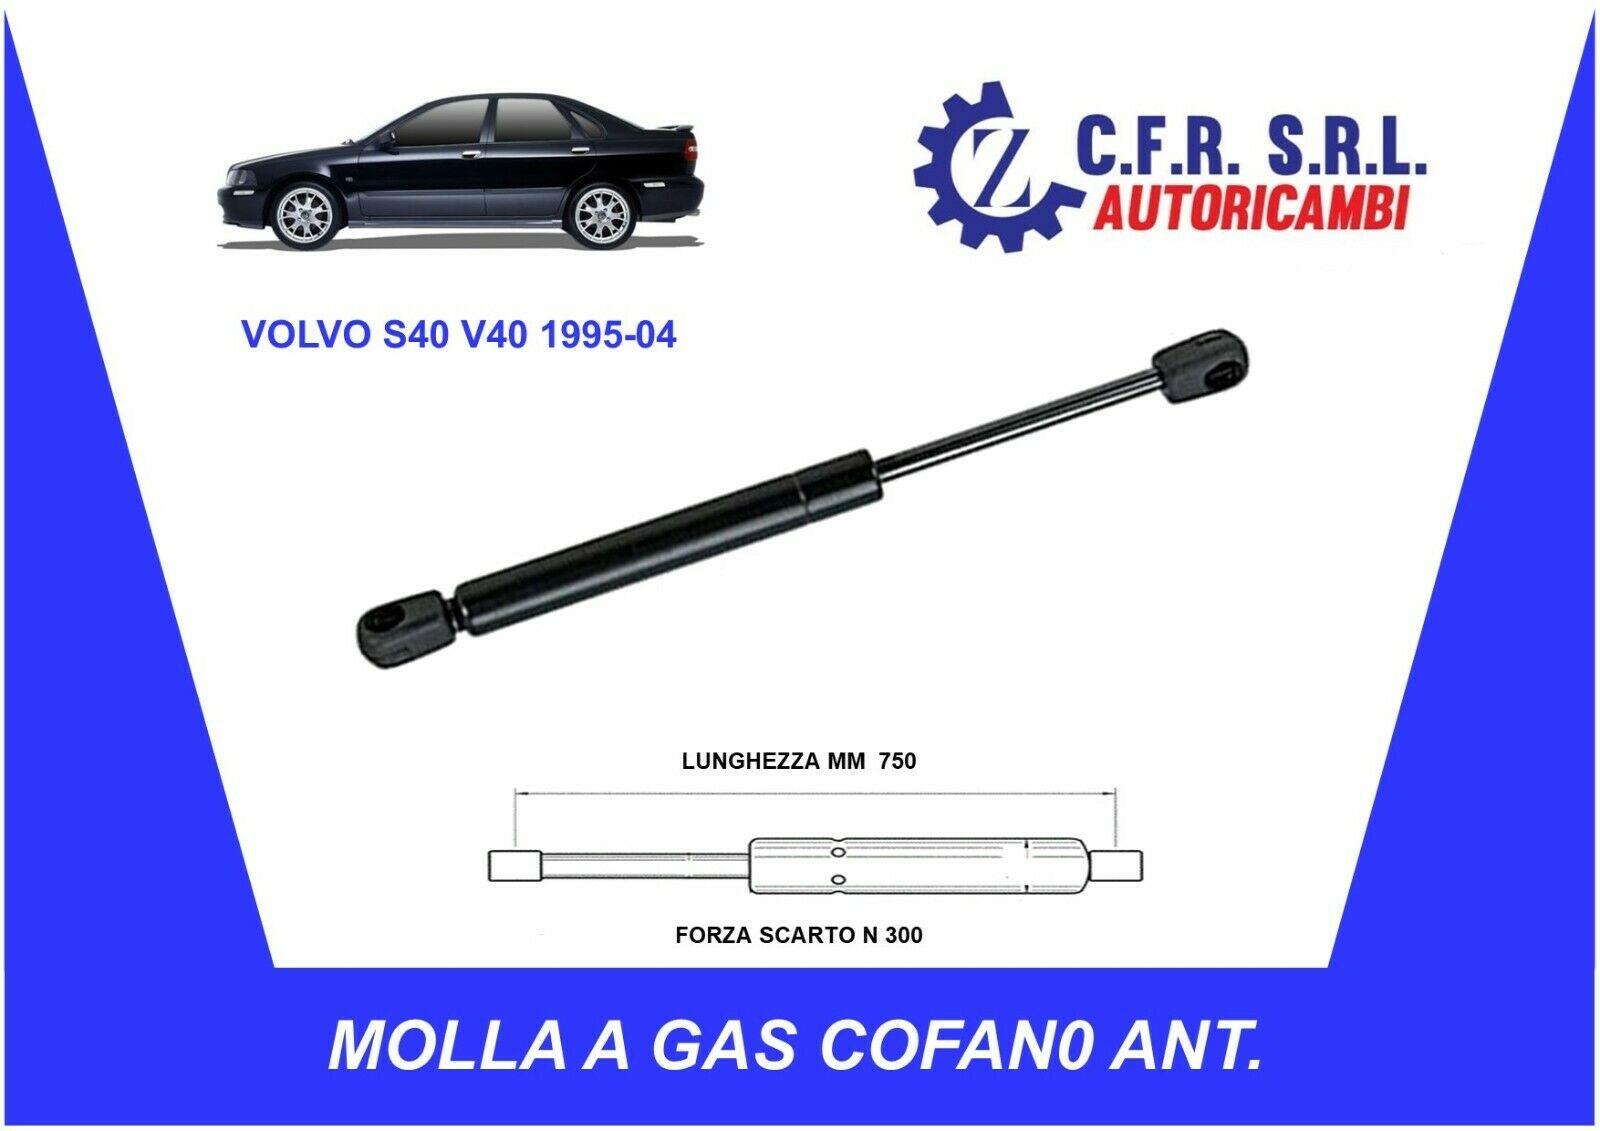 MOLLA A GAS AMMORTIZZATORE PISTONCINI COFANO ANTERIORE PER VOLVO S40 V40 1995-2004